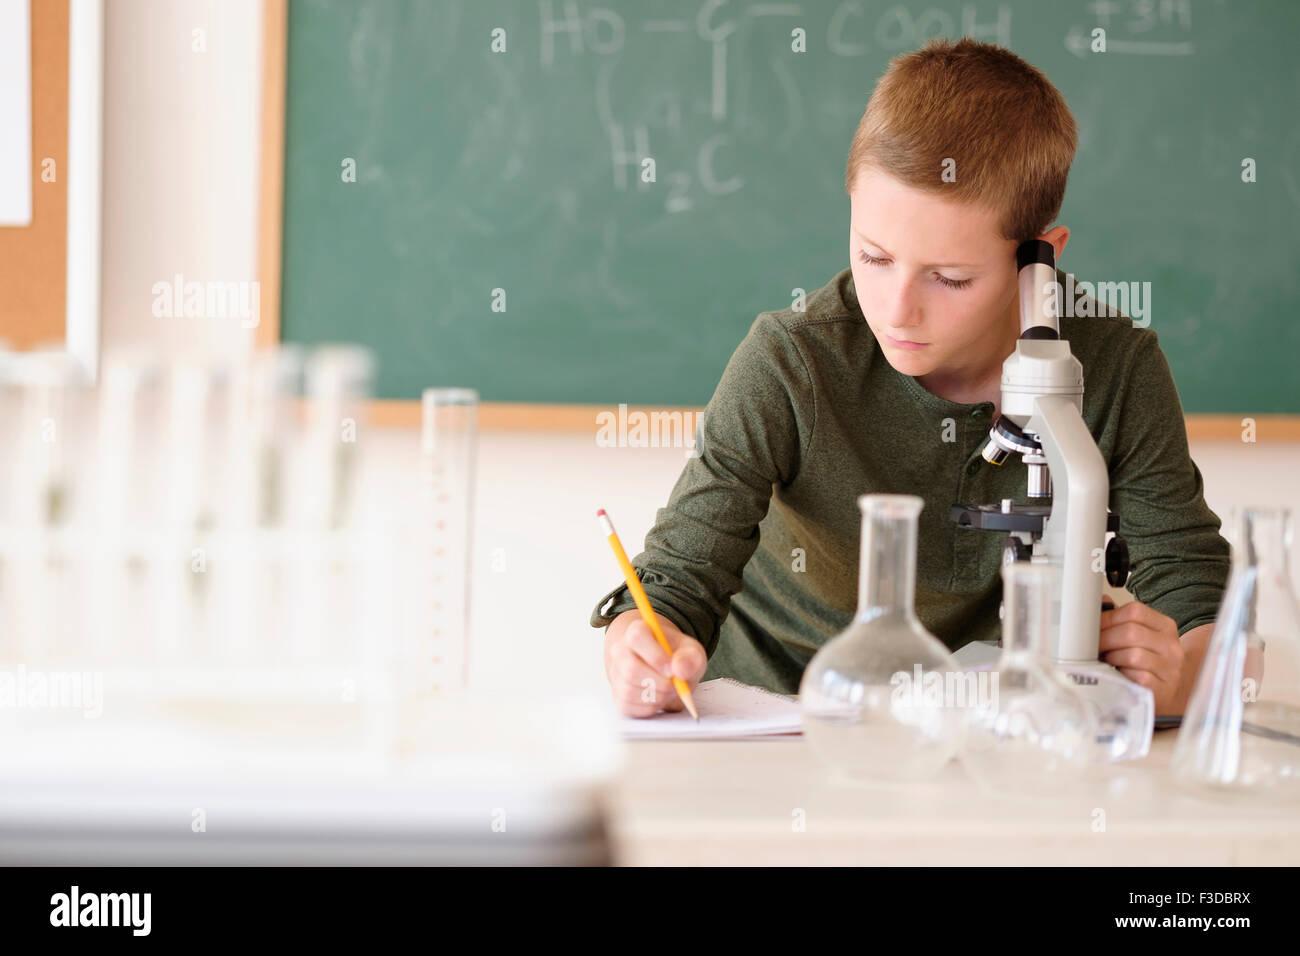 Ragazzo (8-9) prendendo appunti in classe Immagini Stock